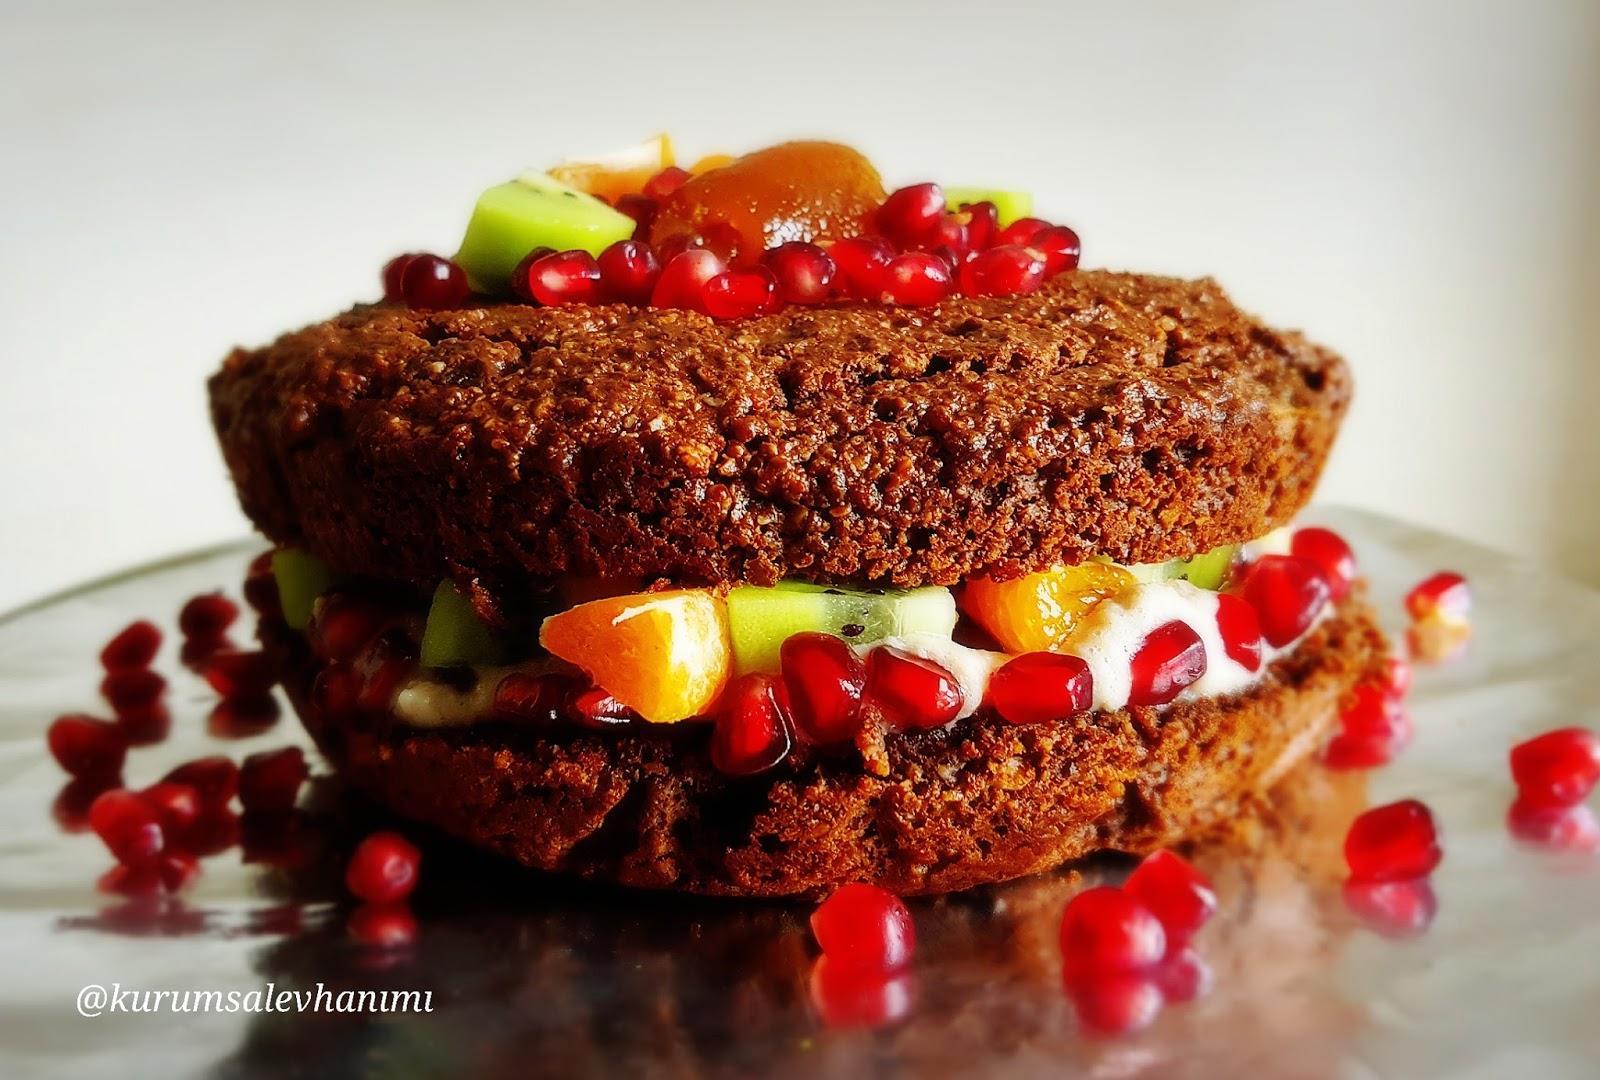 Mercimek Unlu Naked Cake - Kurumsal Ev Hanımı